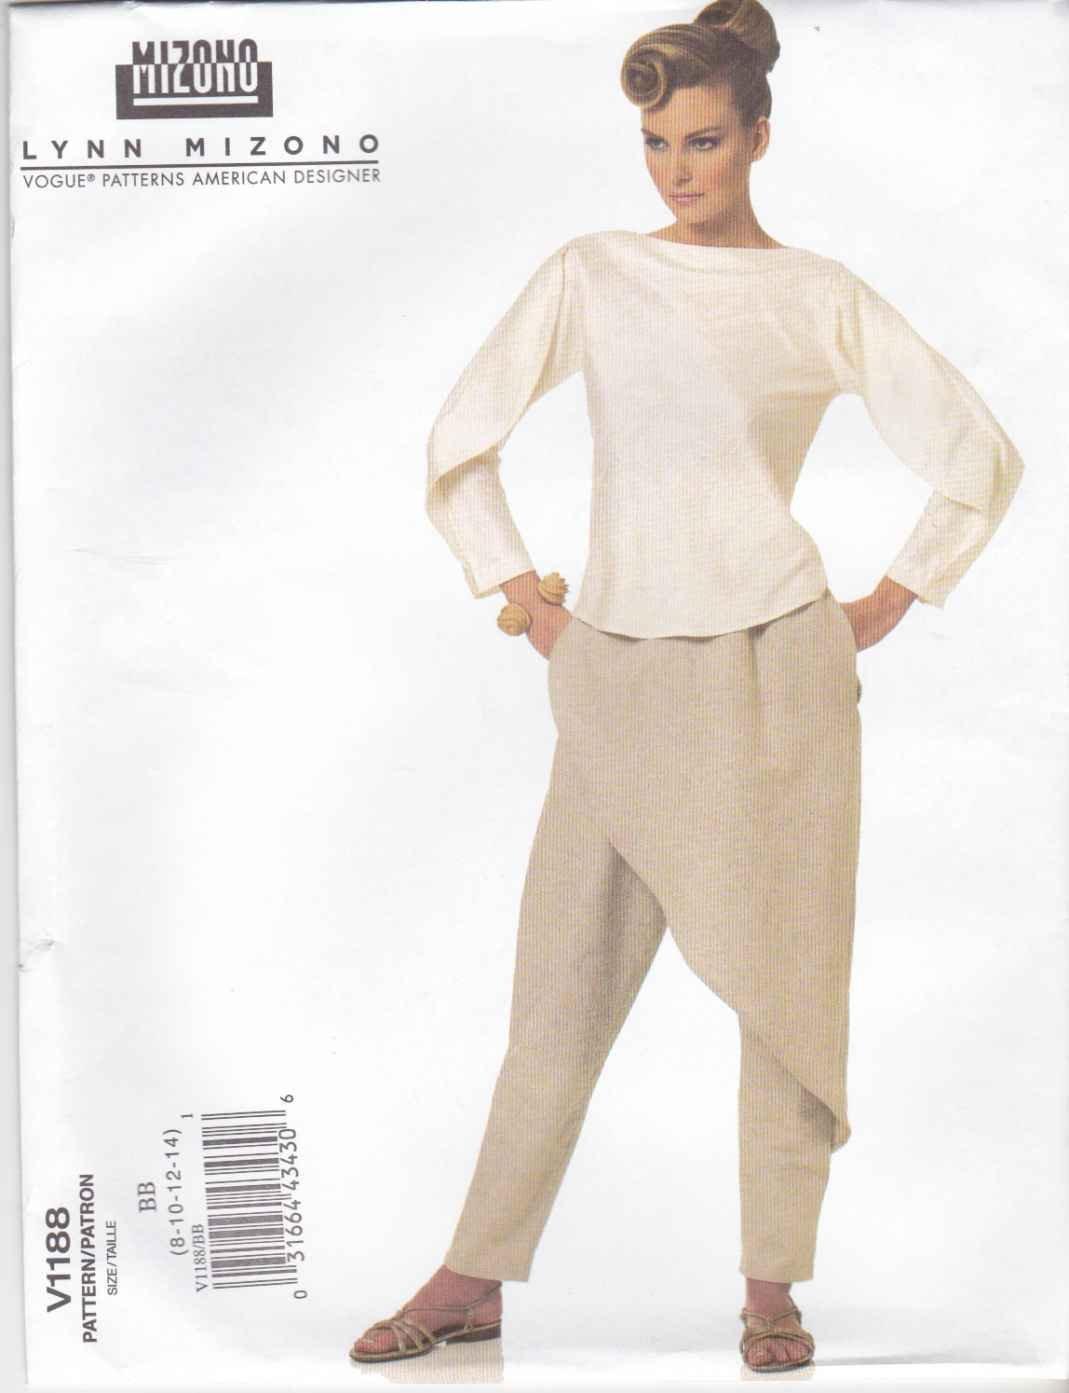 Vogue Sewing Pattern 1188 Misses Size 8-14 Lynn Mizono Easy Bias Top Pants Front Back Drape